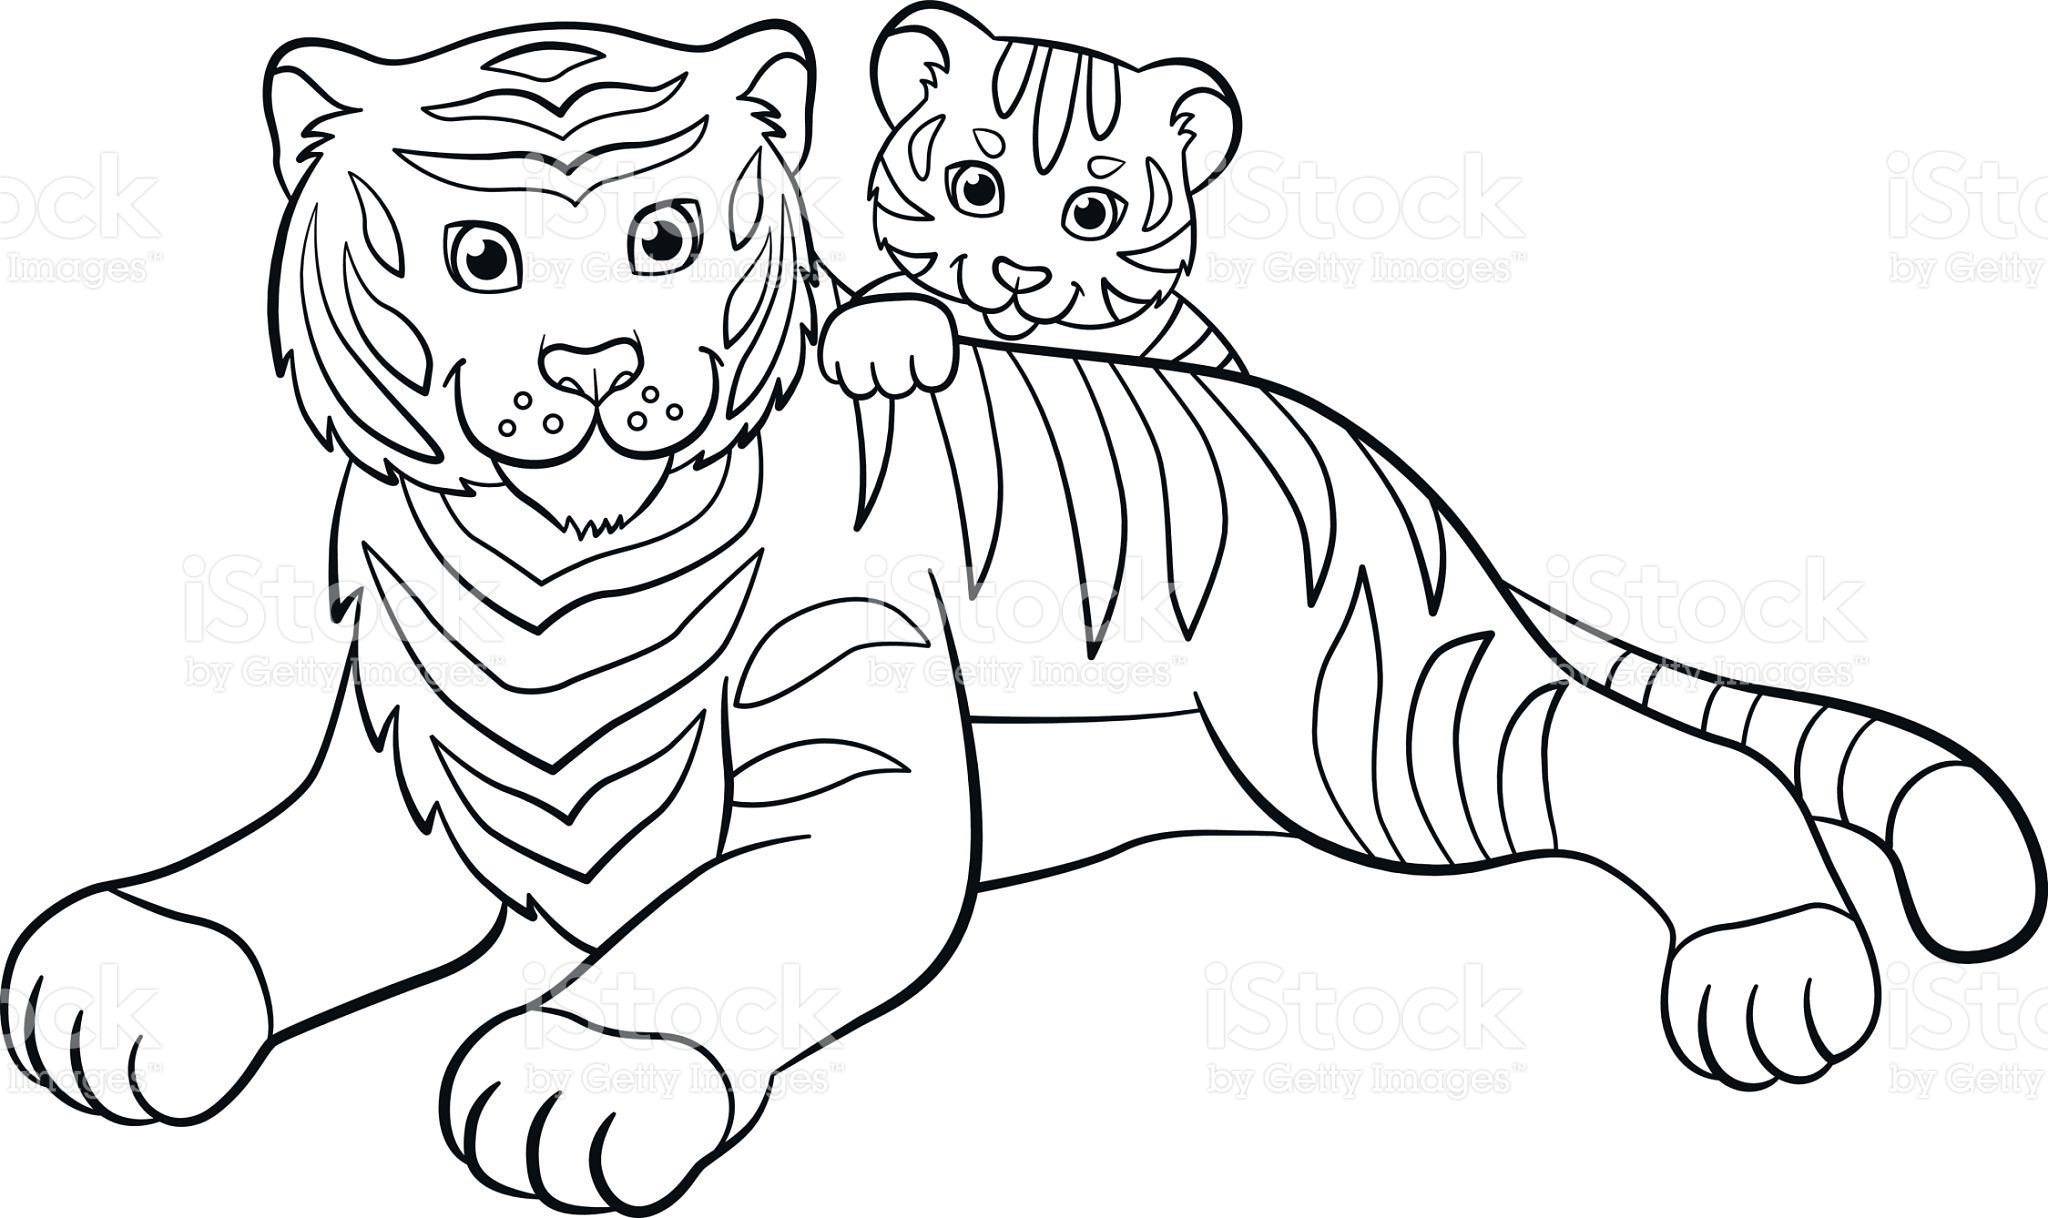 tigre-para-colorir-e-pintar-15.jpg